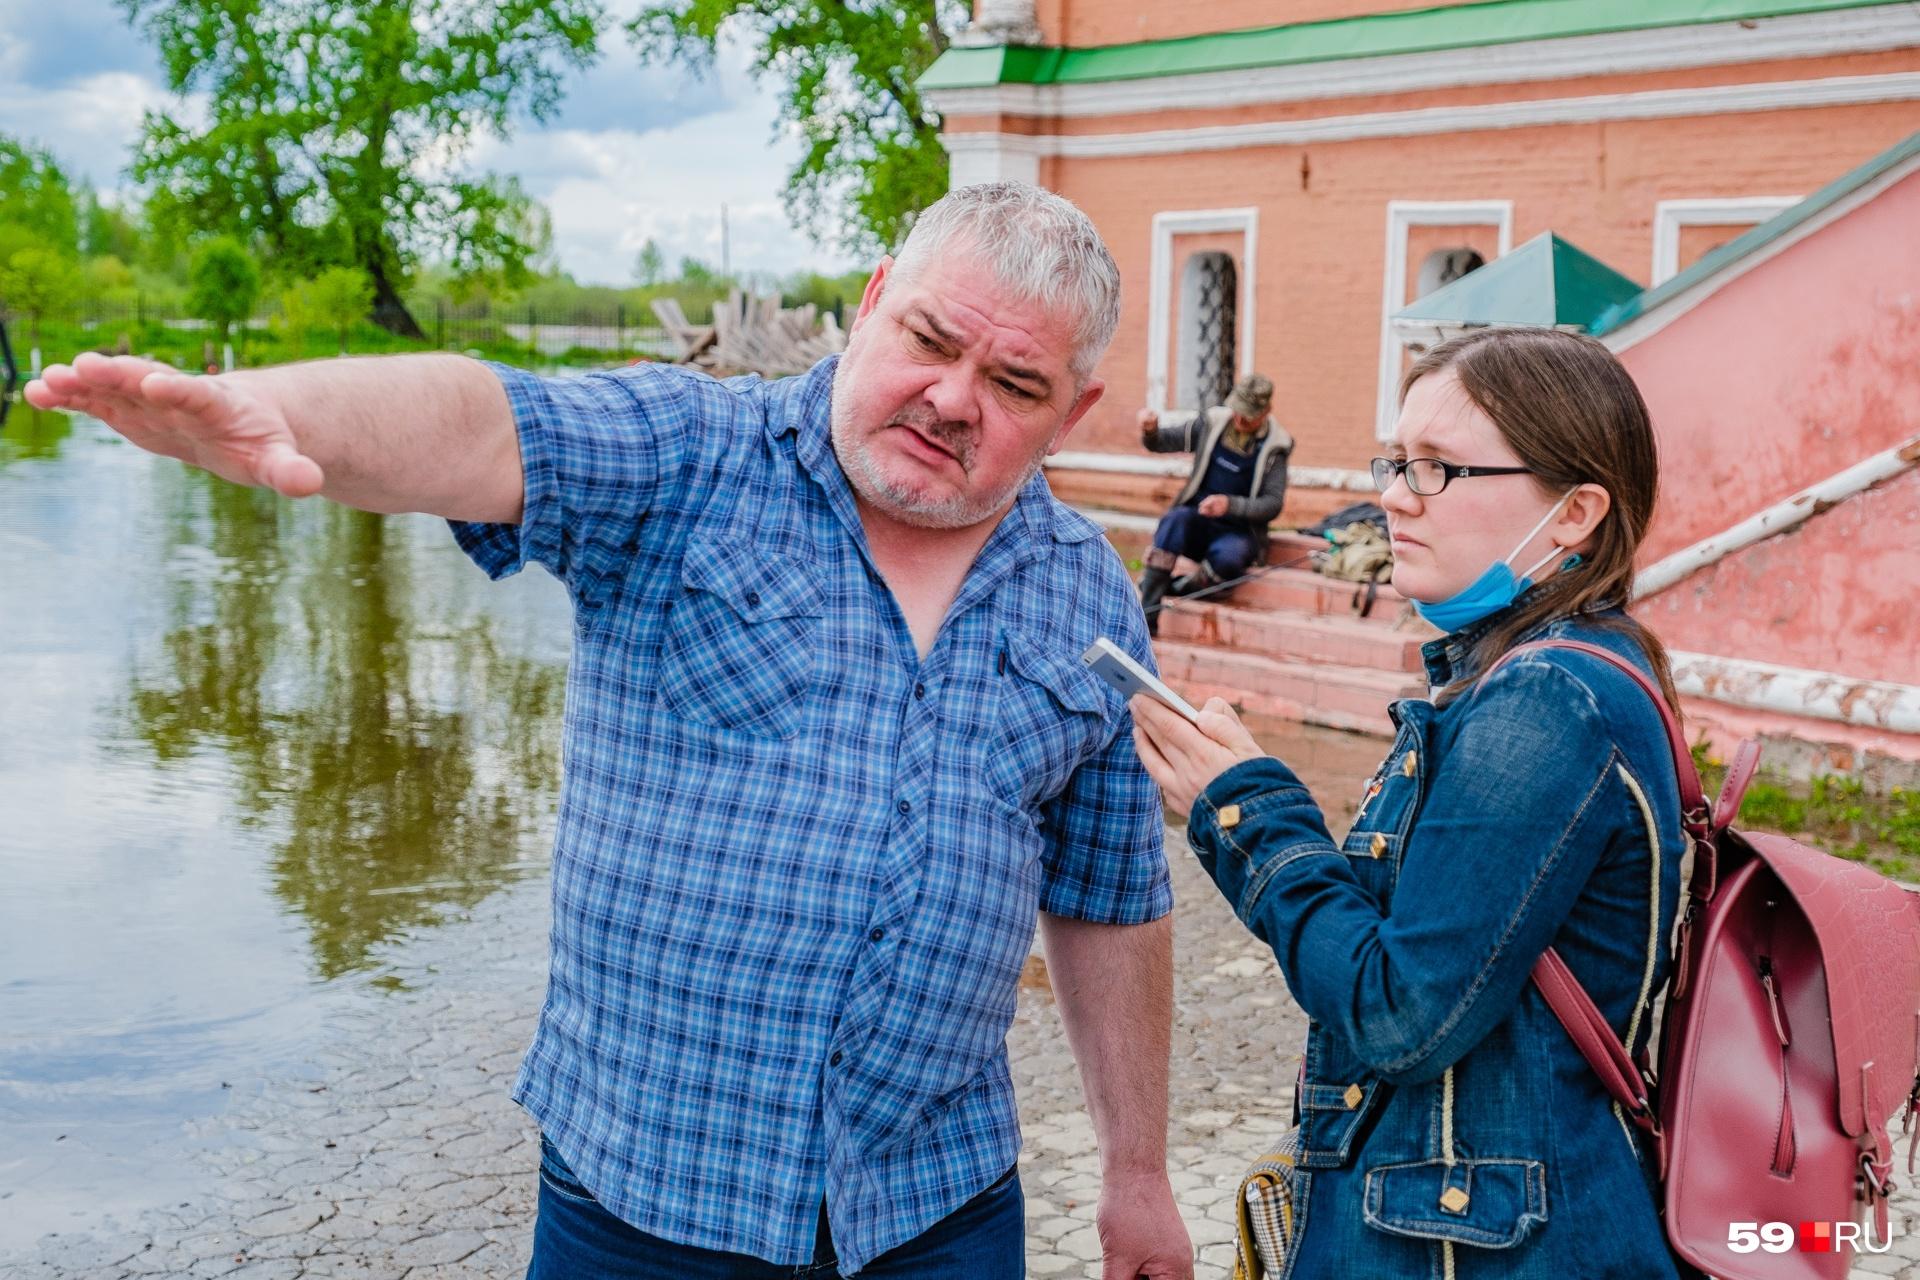 Станислав Хоробрых рассказывает, что так высоко вода не поднималась давно